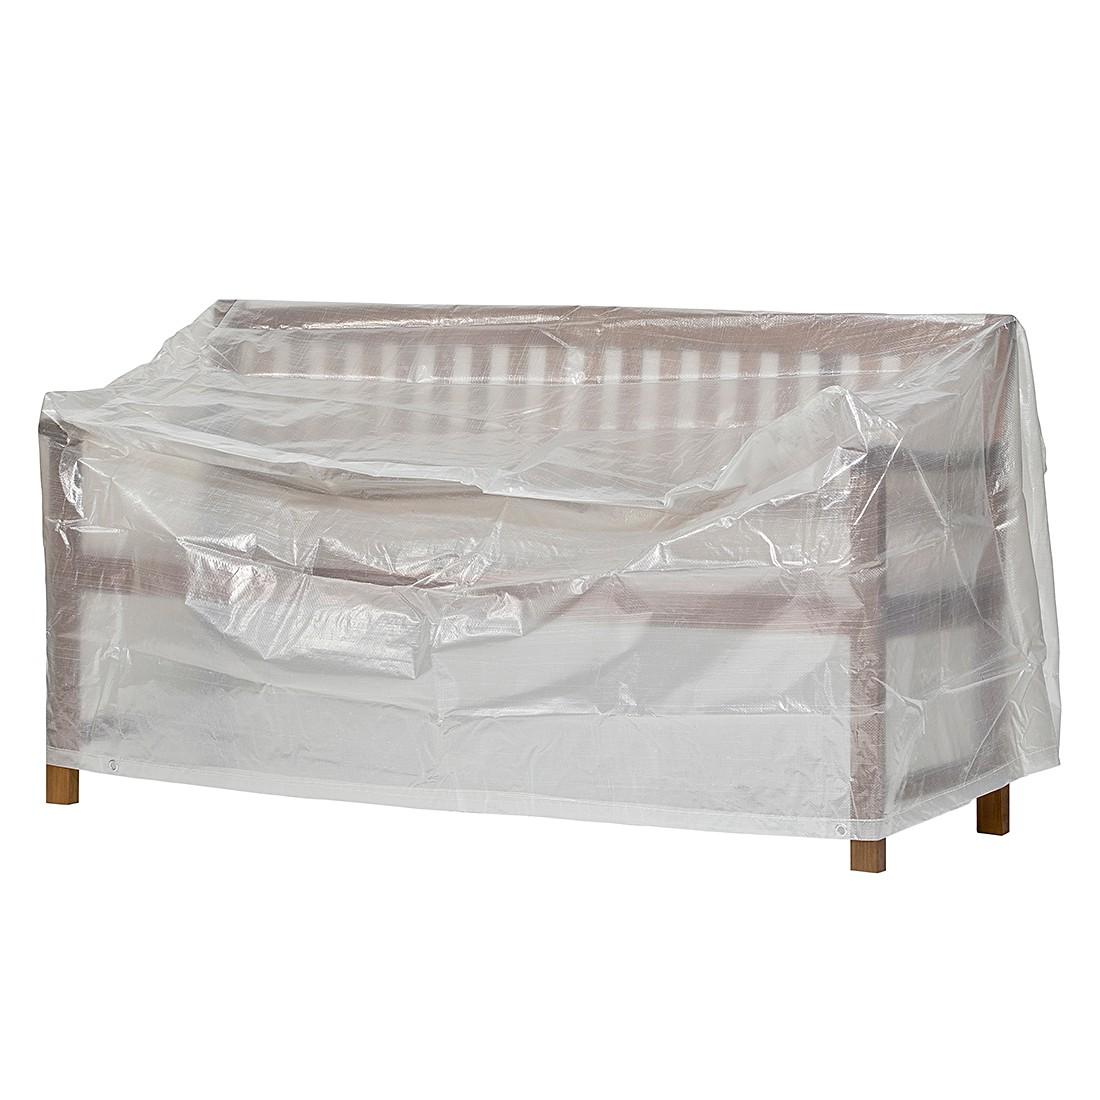 Schutzhülle Klassik für Gartenbank (3-Sitzer) - Kunststoff, mehr Garten